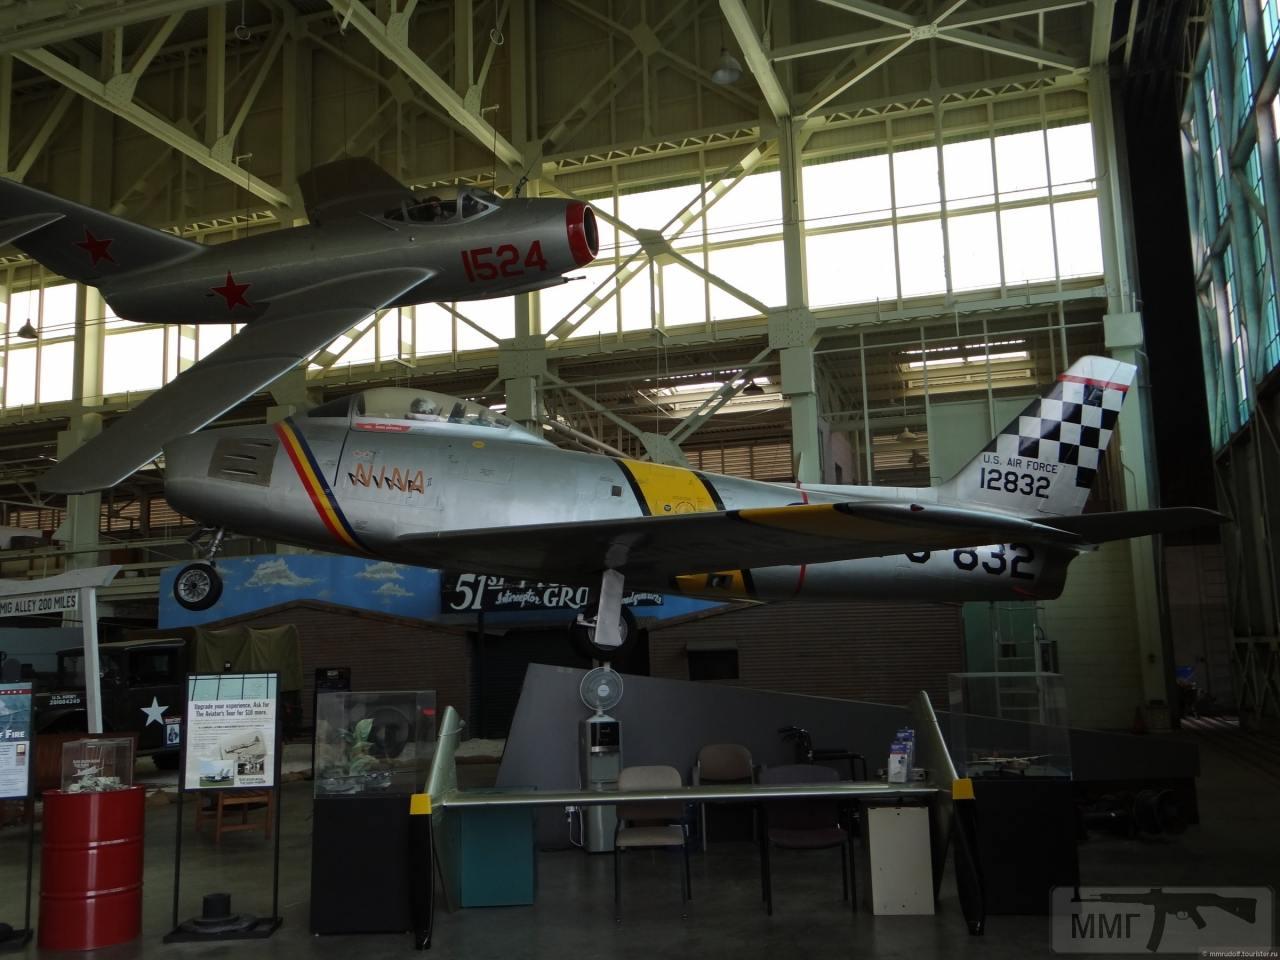 32001 - Тихоокеанский музей авиации «Пёрл-Харбор», Гонолулу